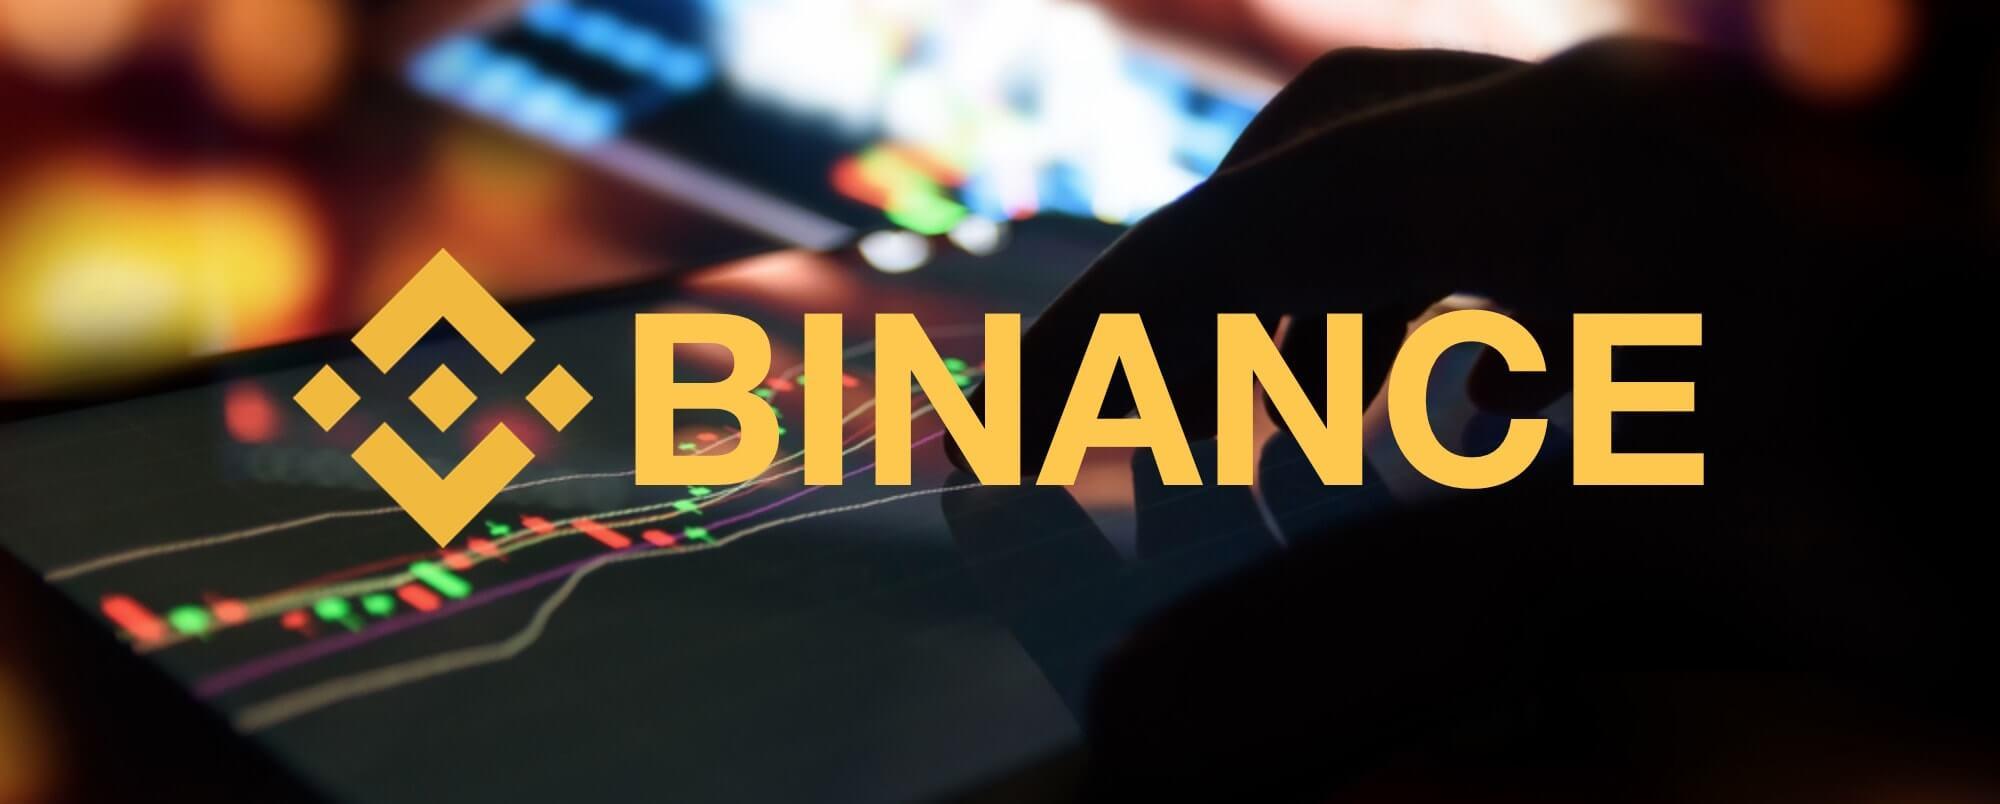 Binance открывает офис на Мальте